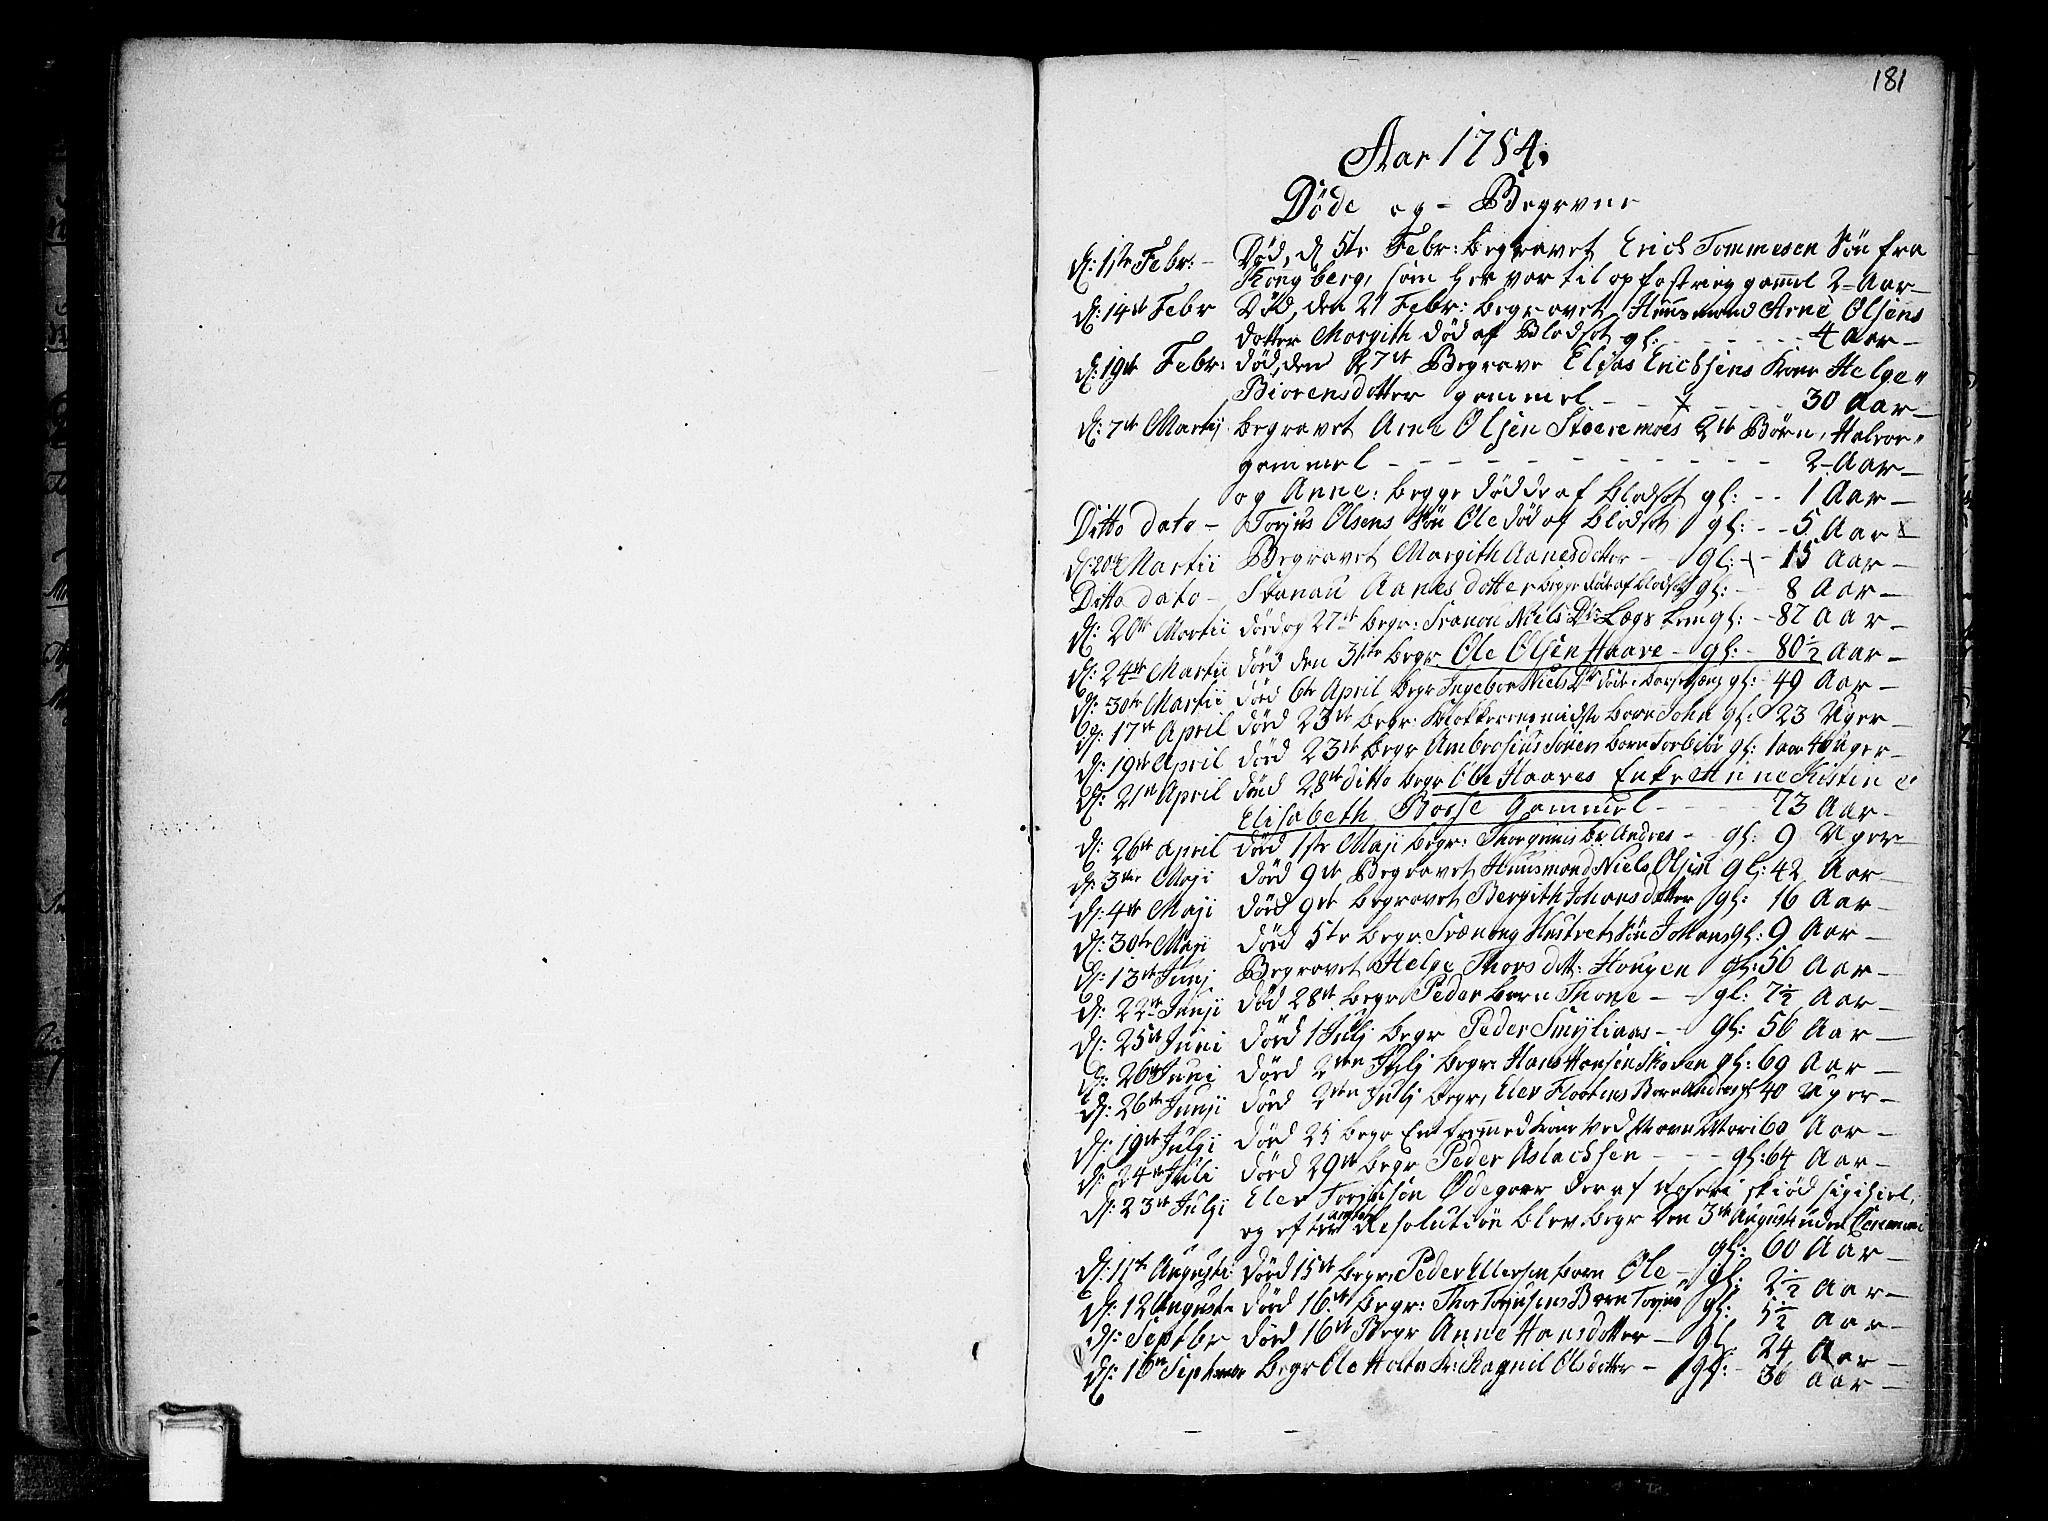 SAKO, Heddal kirkebøker, F/Fa/L0004: Ministerialbok nr. I 4, 1784-1814, s. 181